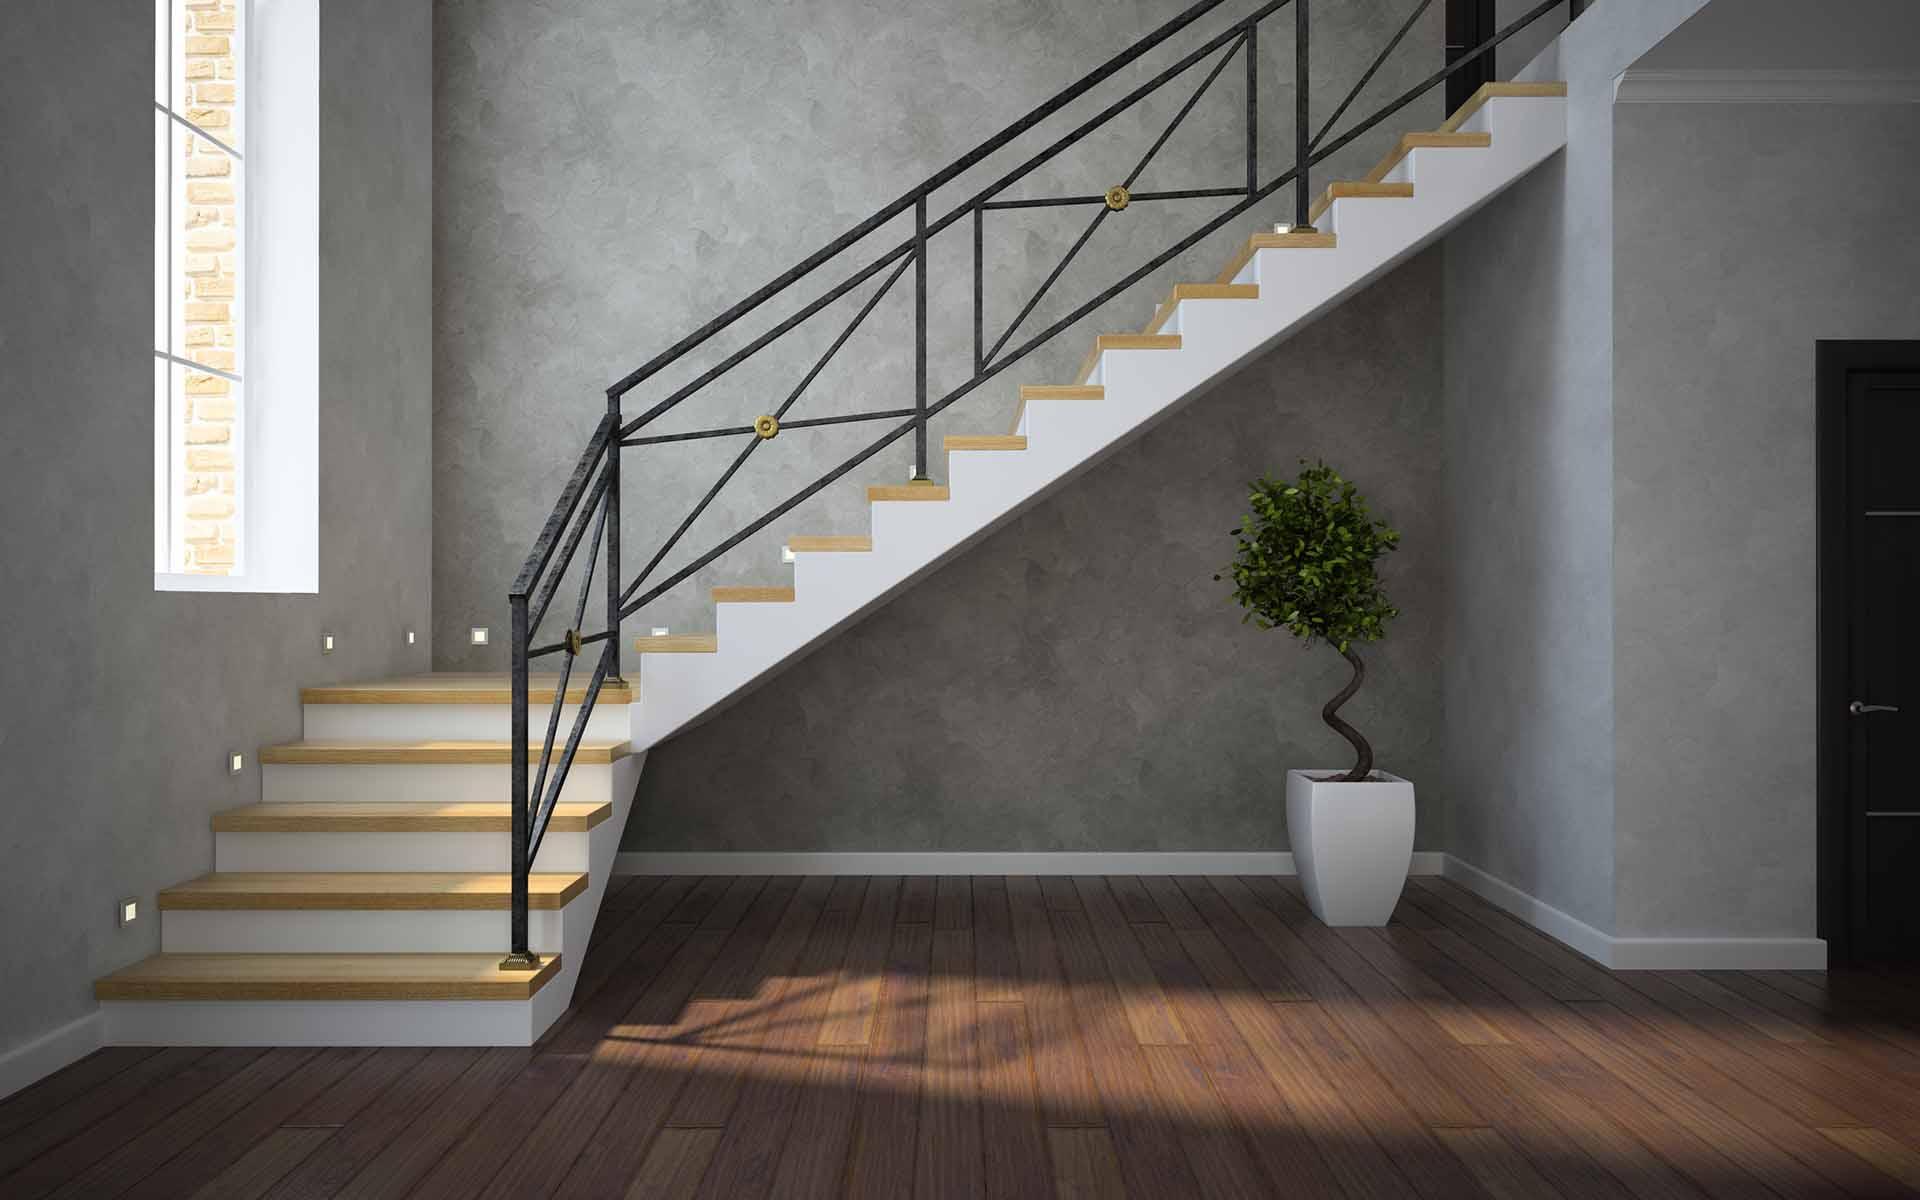 comment calculer escalier quart tournant